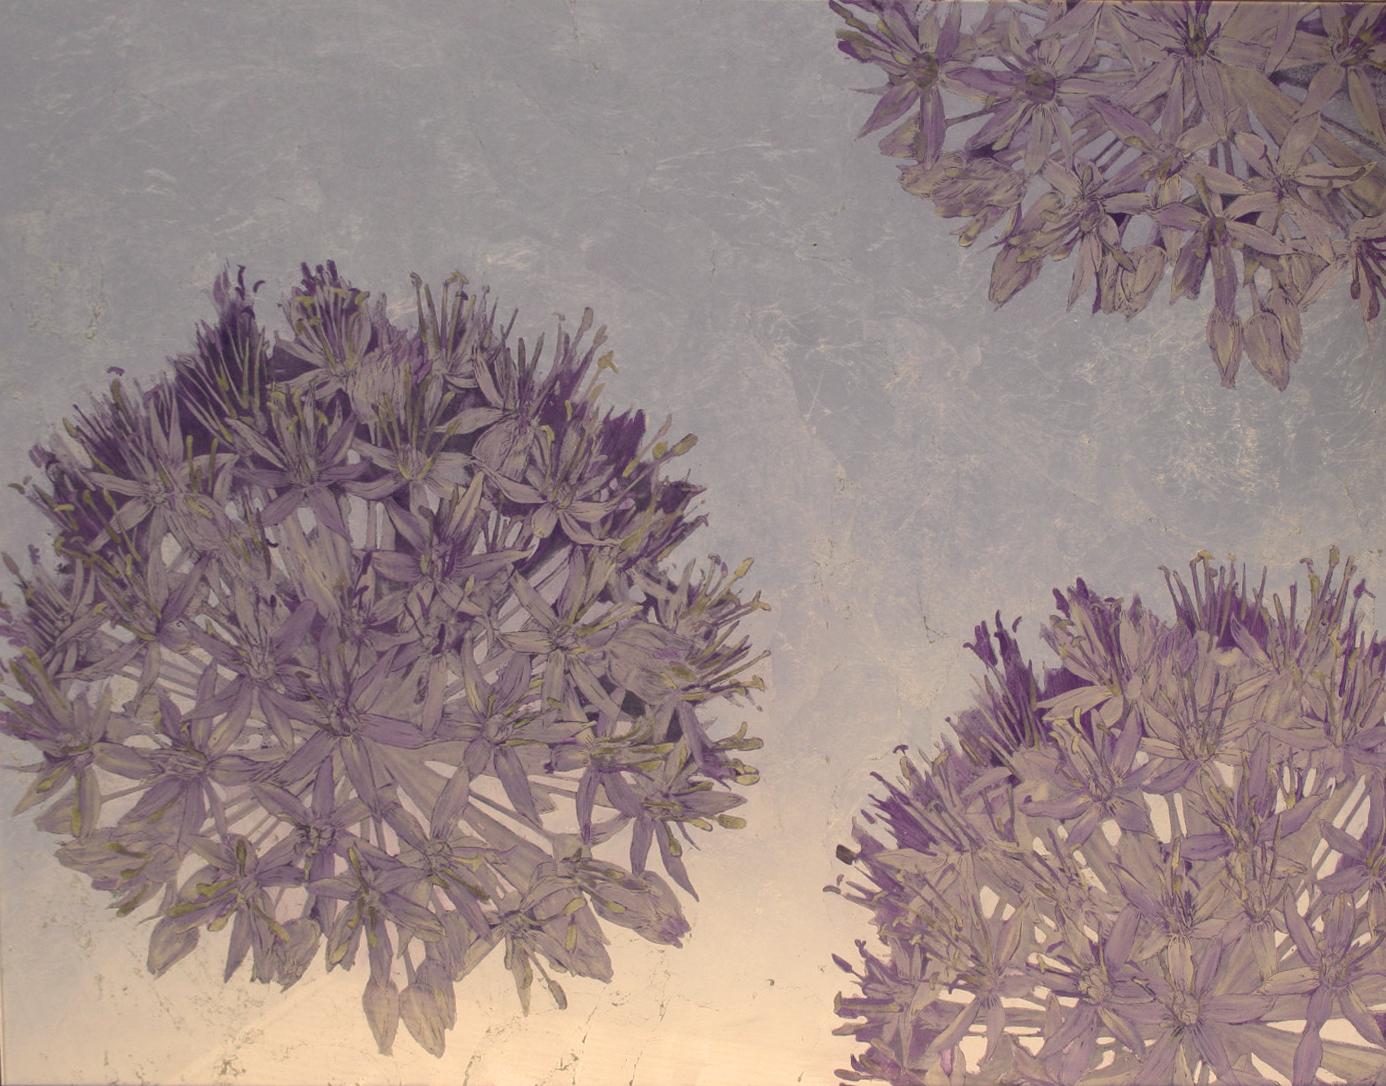 Purple Allium backsplash